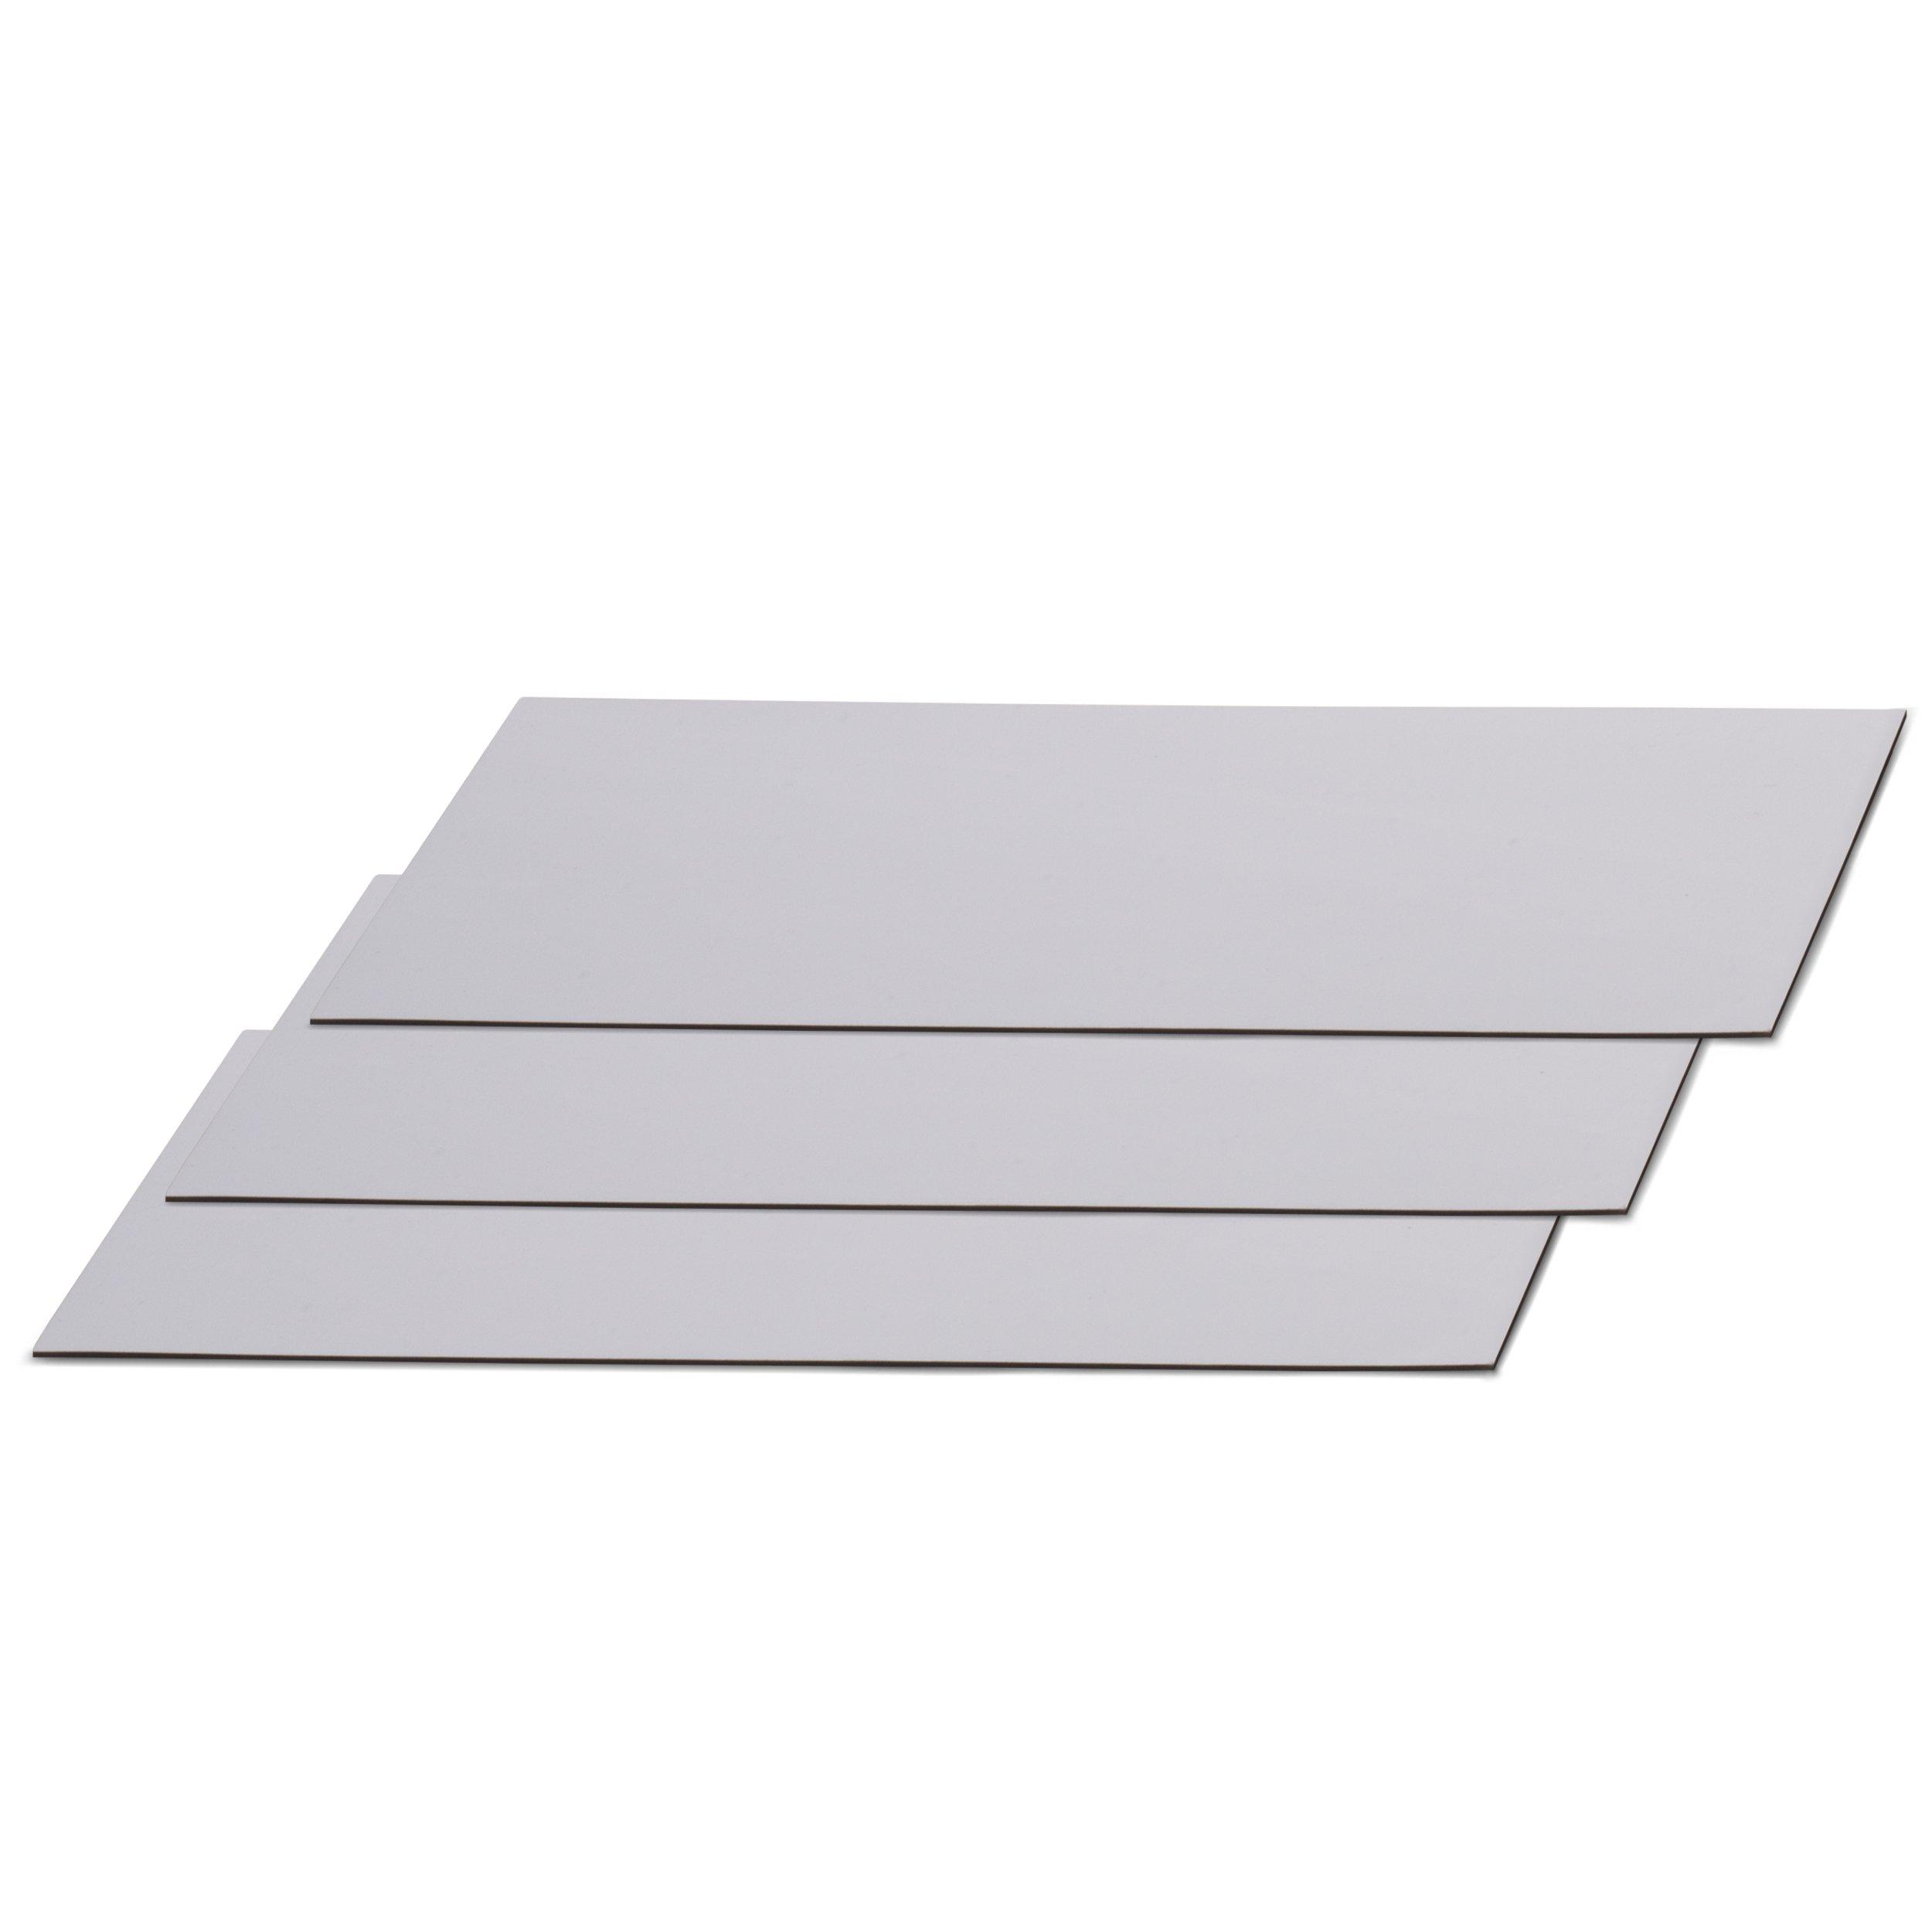 Cheap Floor Registers 4 X 12 Find Floor Registers 4 X 12 Deals On